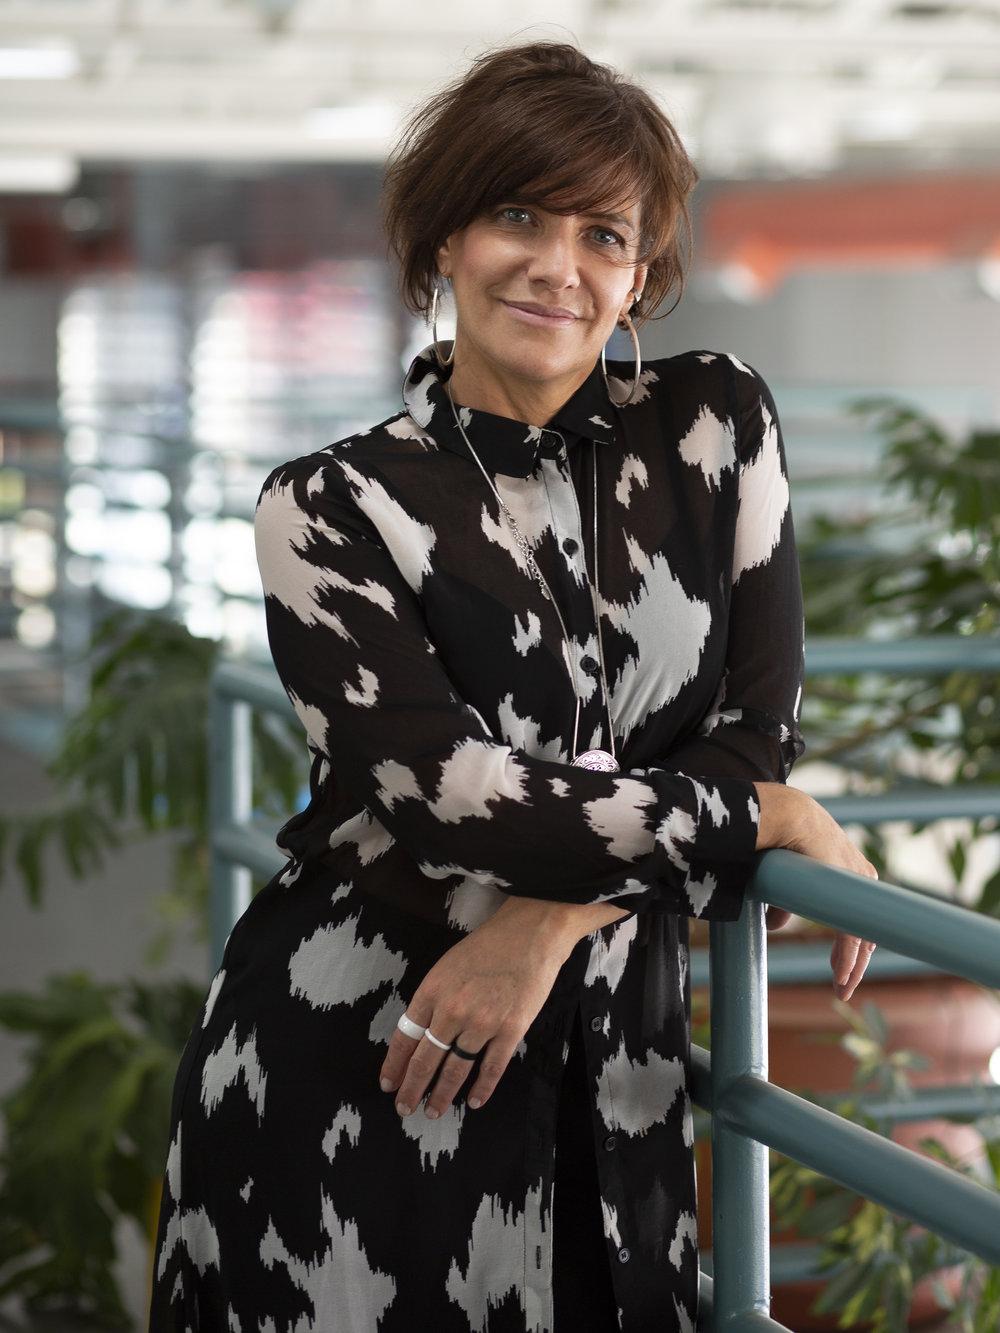 Andrea Caraballo